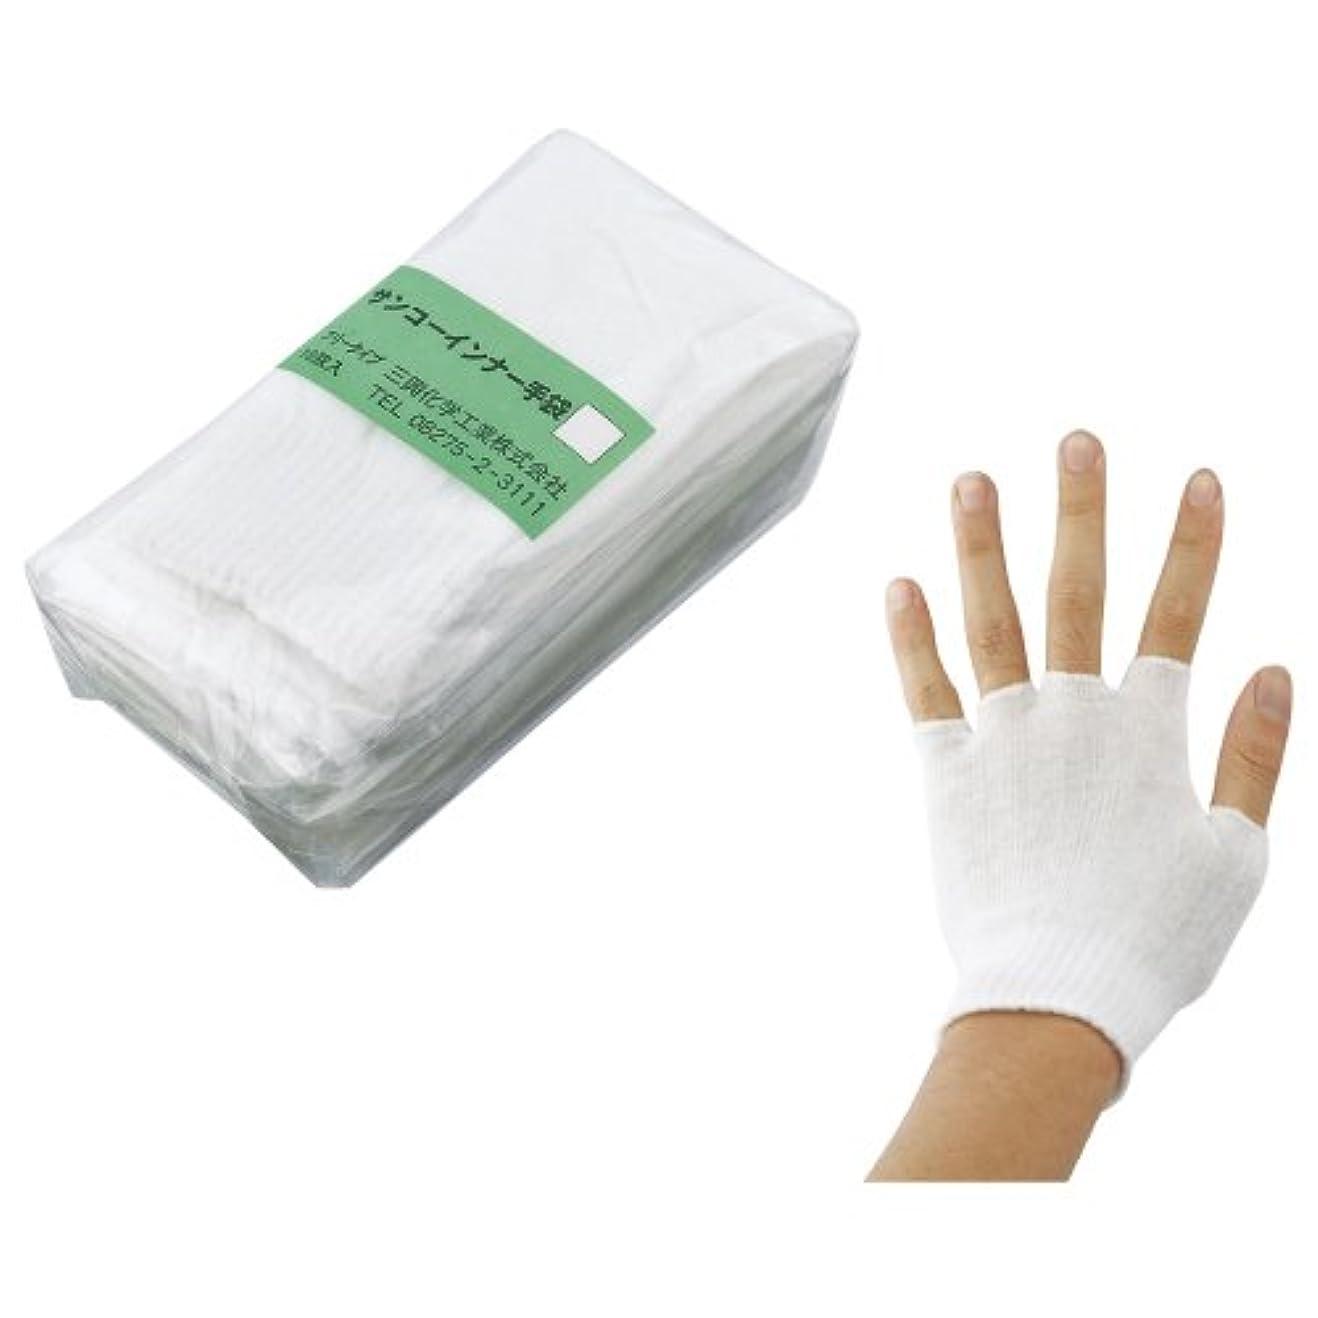 添加剤グリップつぶやきサンコーインナー手袋 (07-4732-00)